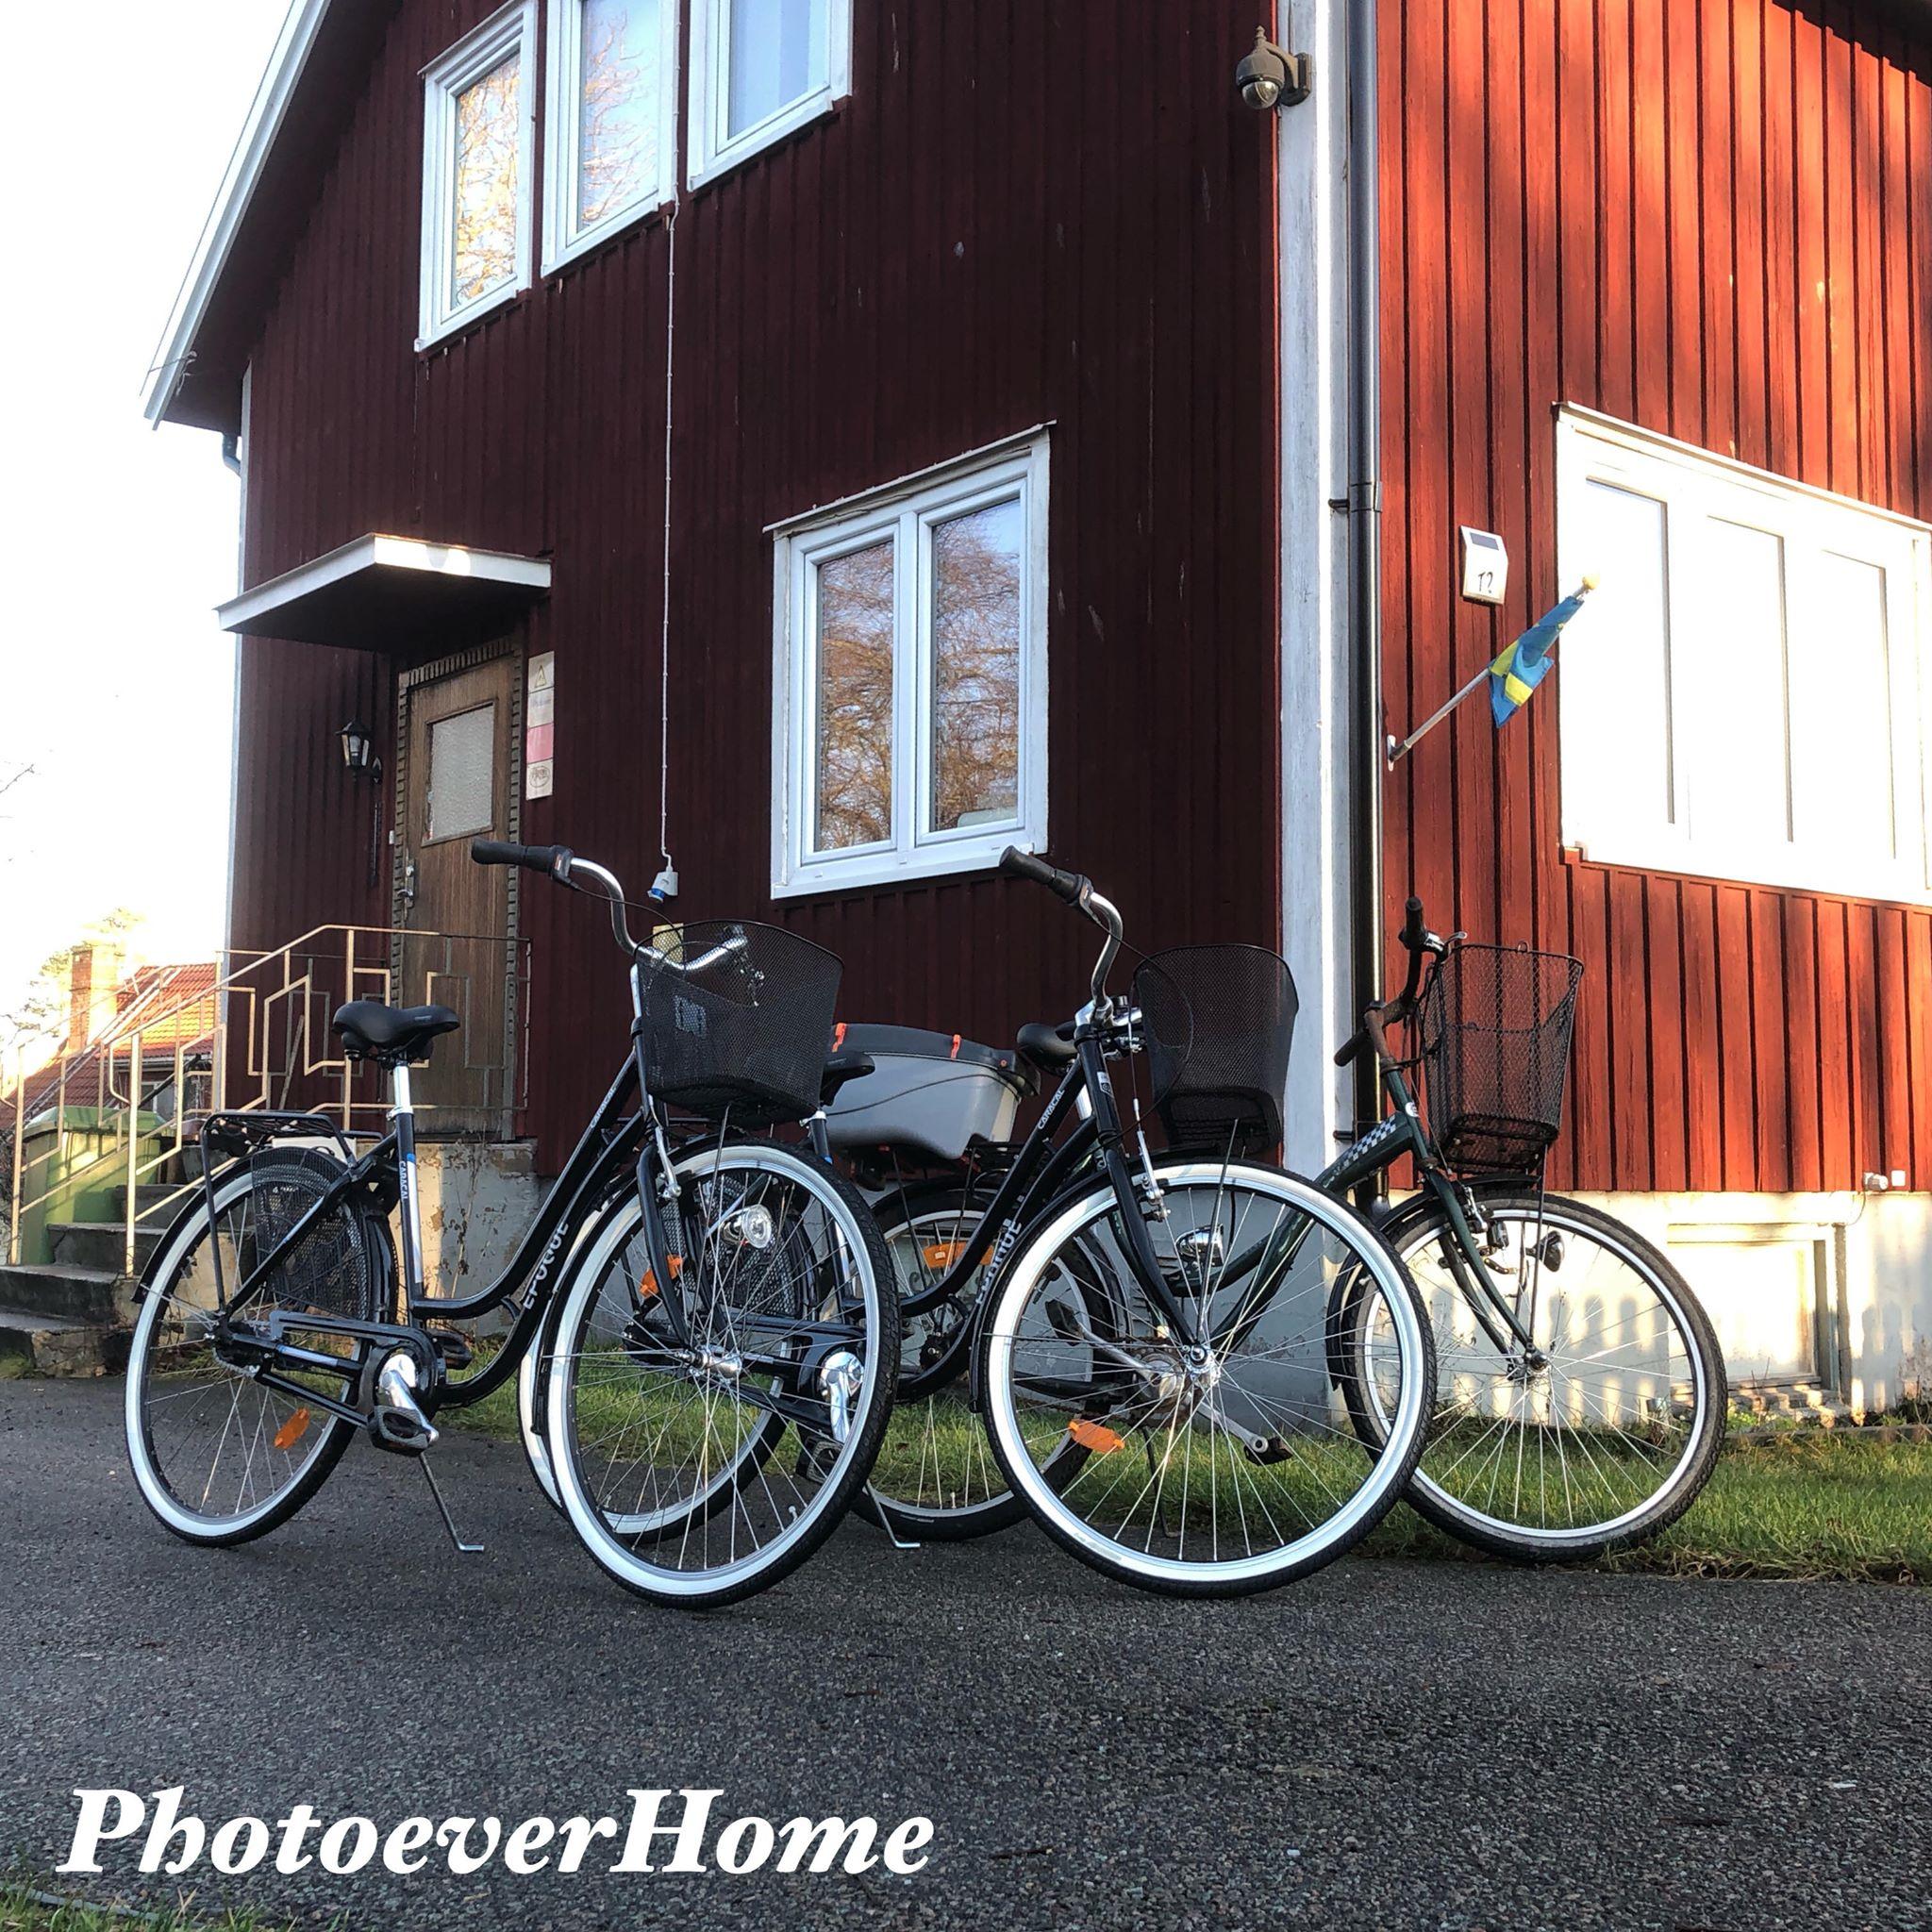 Cyklar utanför huset